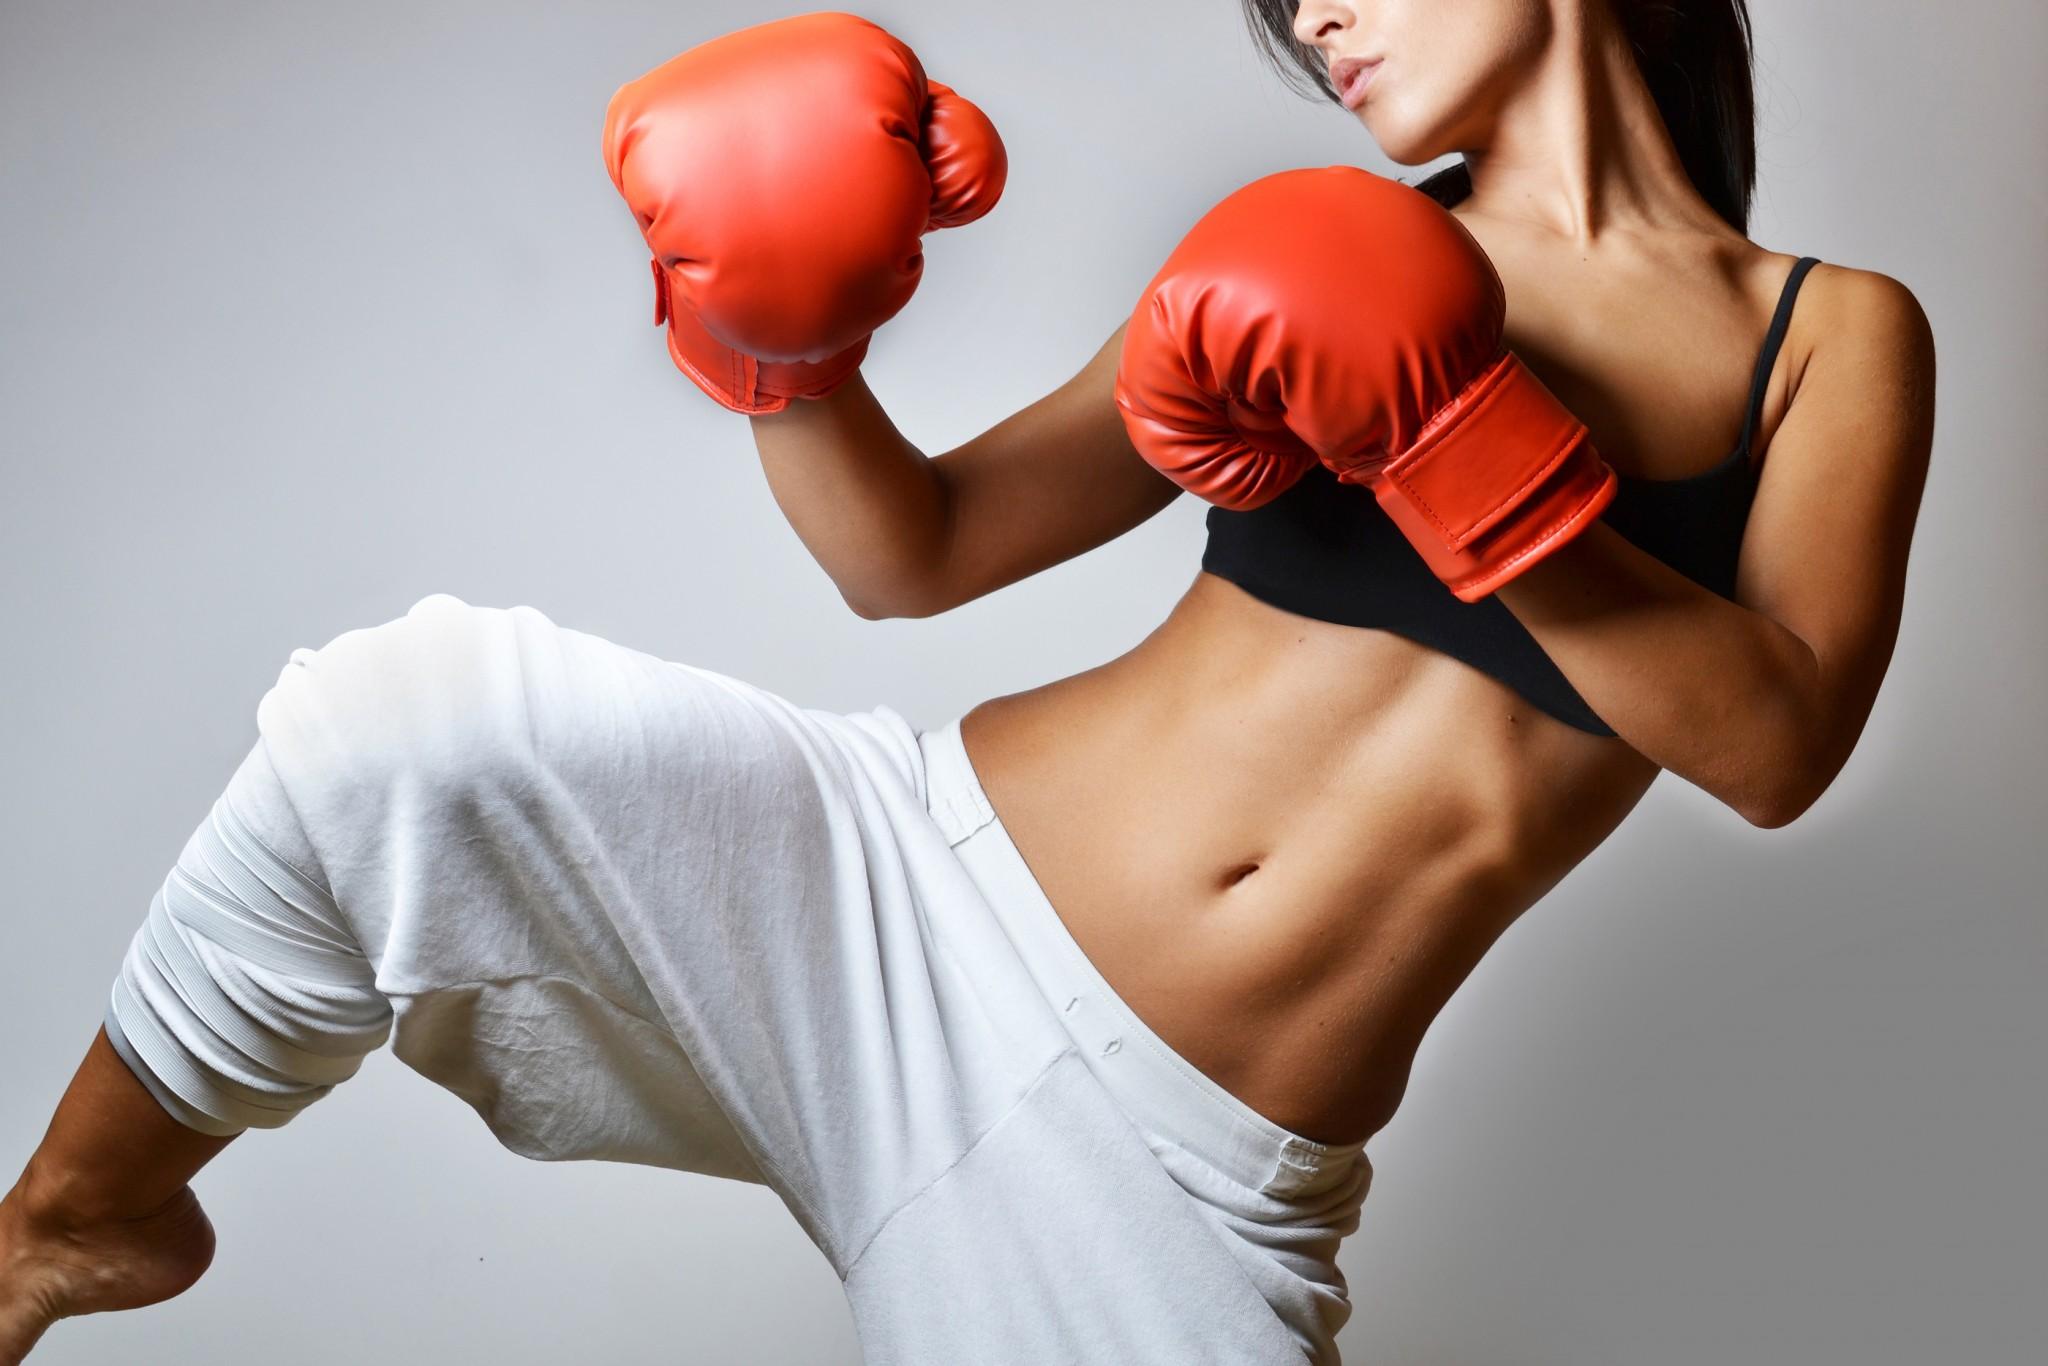 Deportes perder peso para mejores